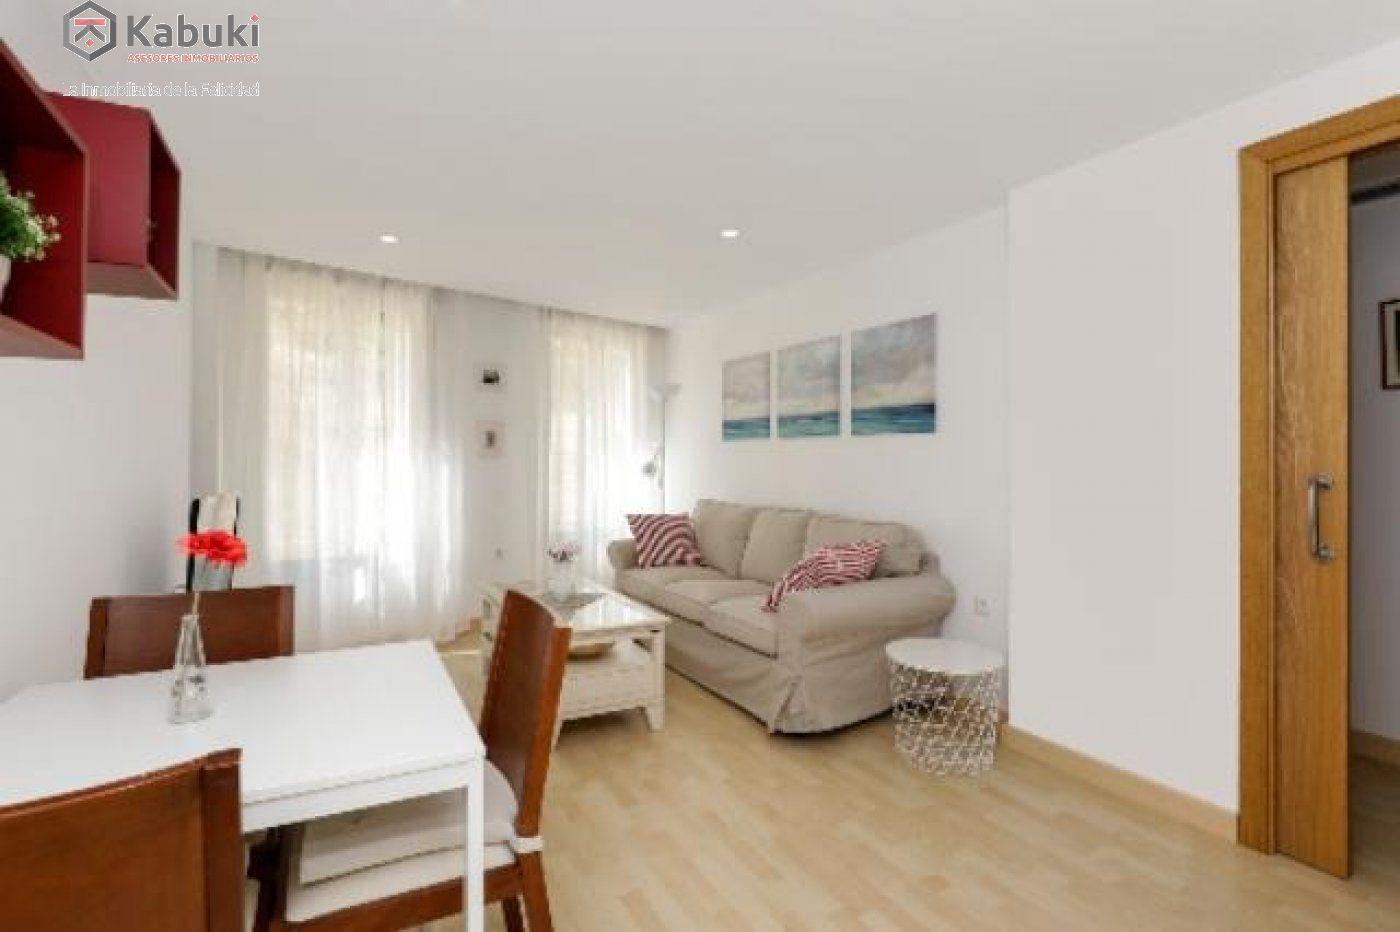 Coqueto y luminoso apartamento en un entorno privilegiado junto a los cahorros - imagenInmueble2